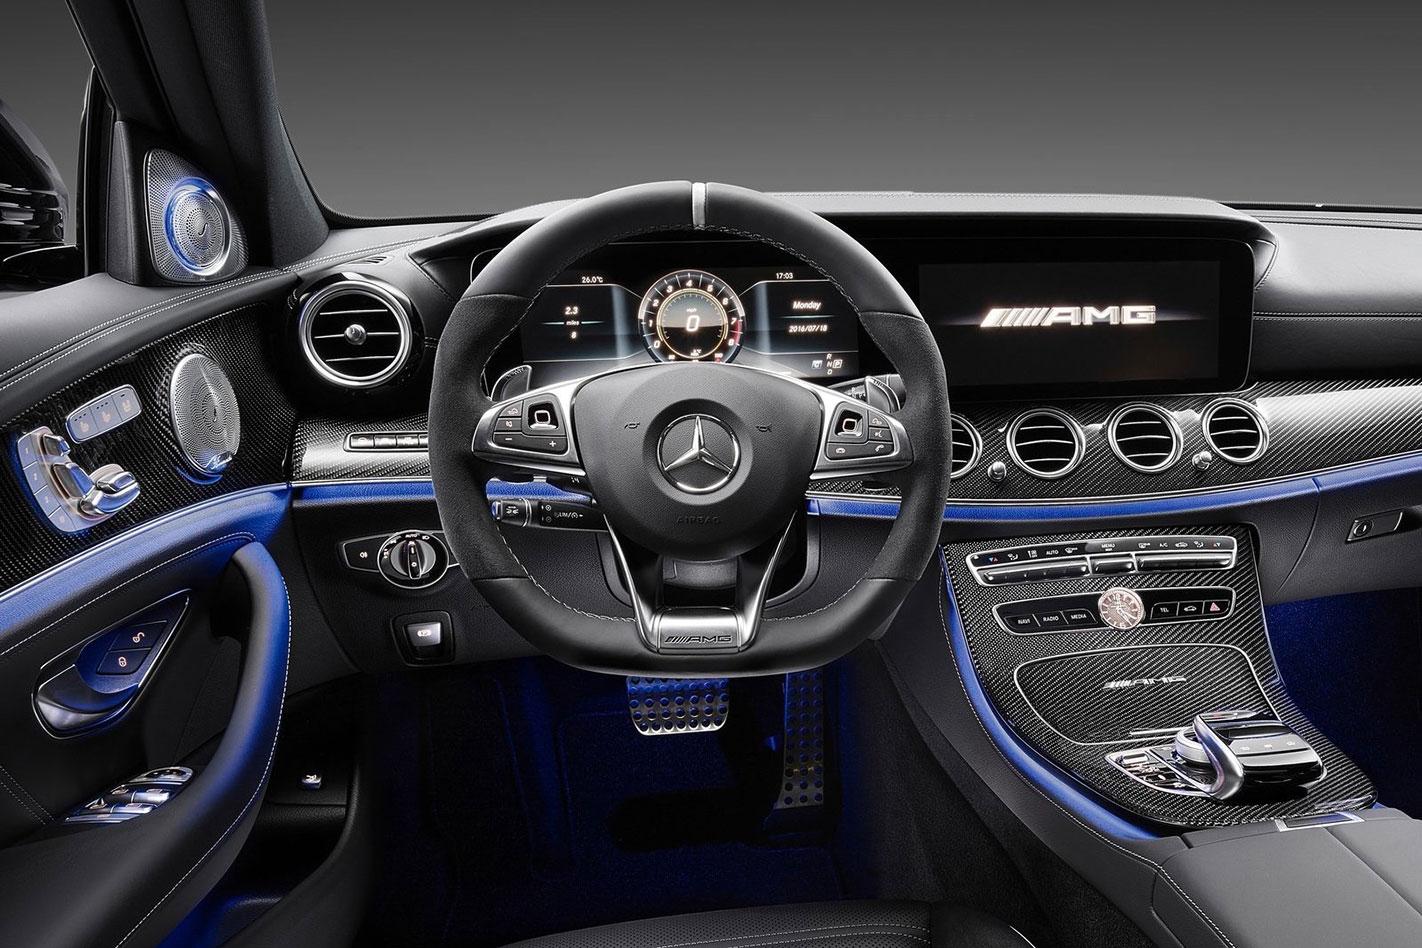 2017 Mercedes-AMG E63 interior